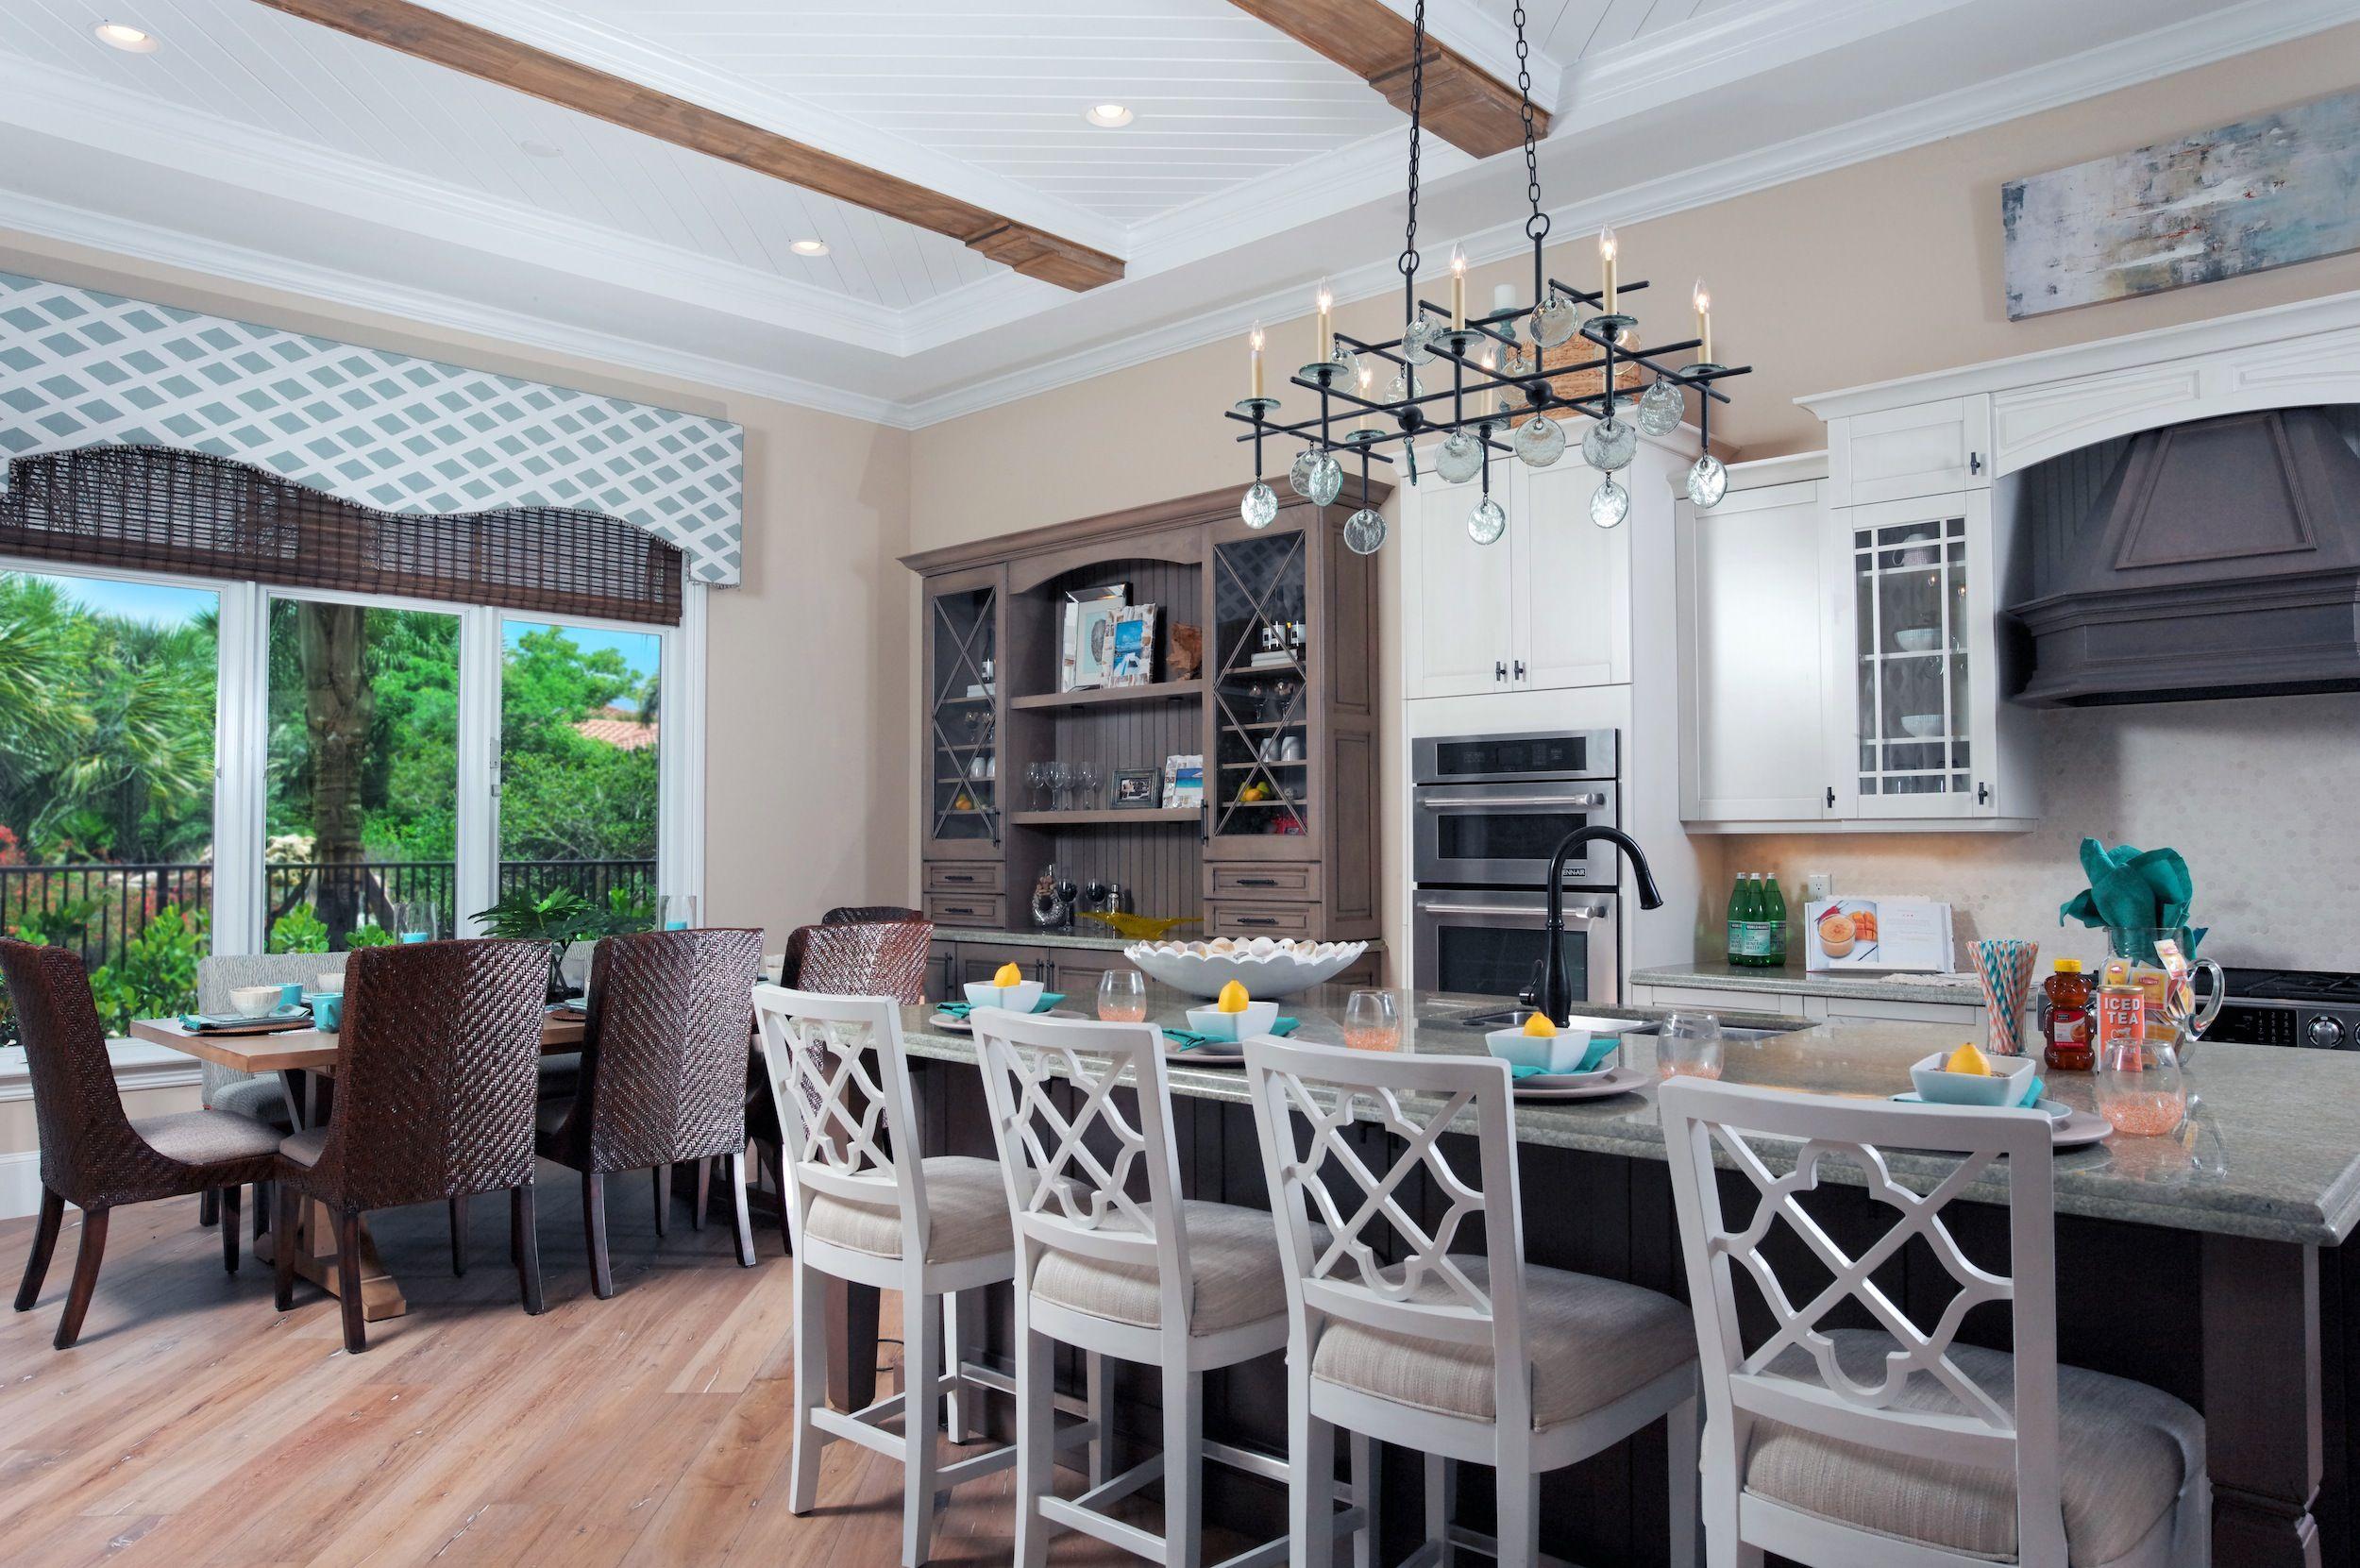 kitchen design naples fl. Torino Villa at Grey Oaks in Naples  Florida Luxury Kitchen Design Country Club